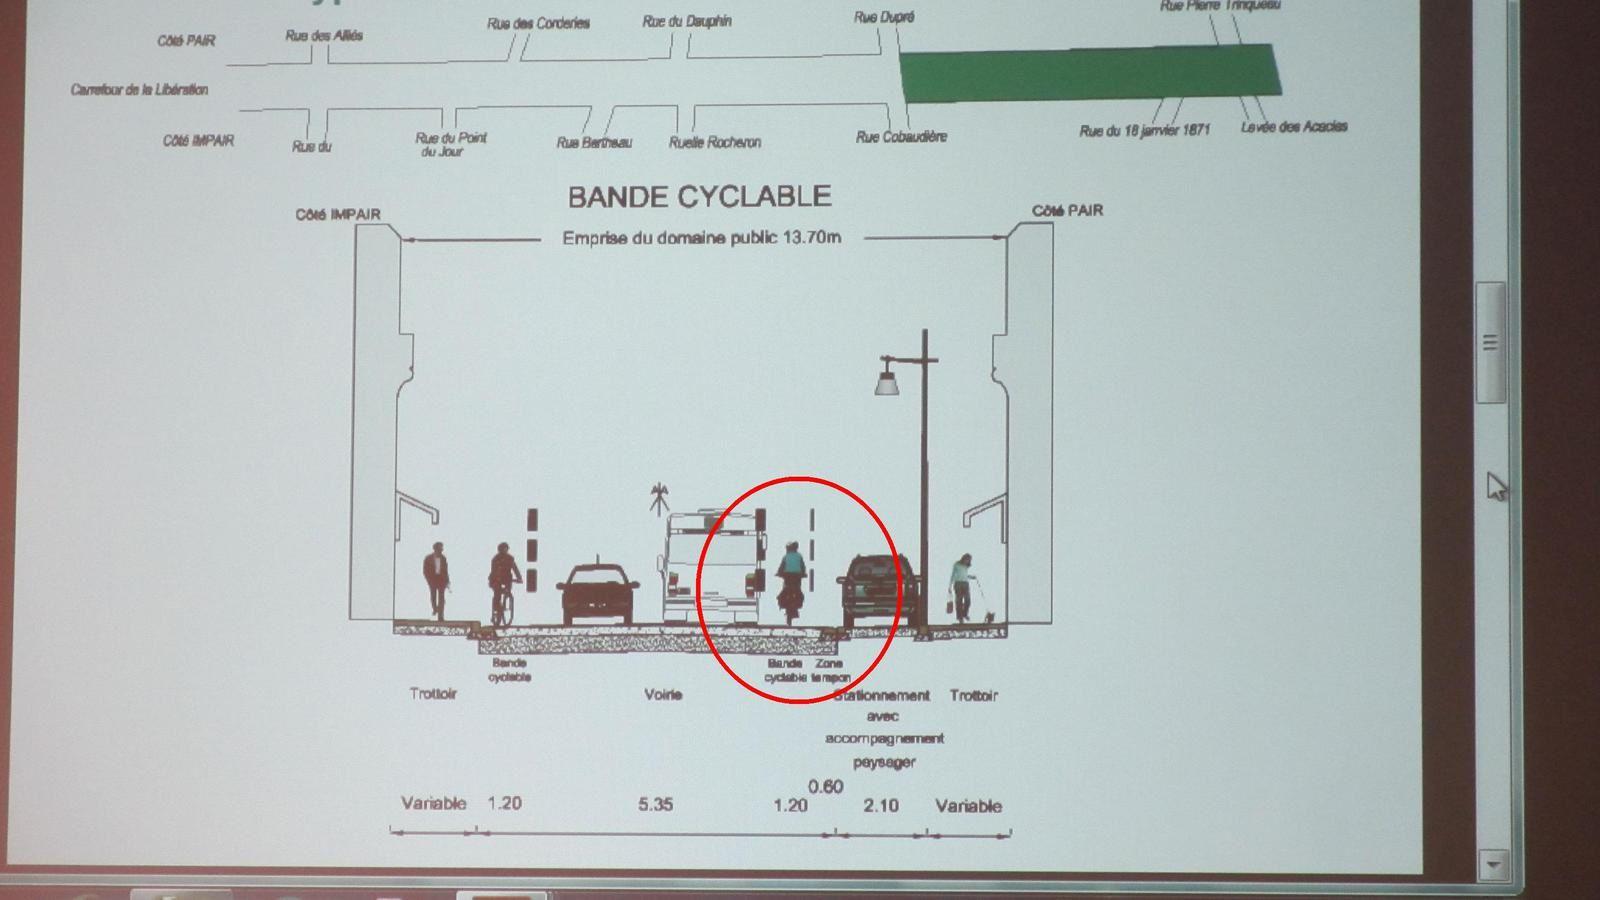 Blois - Projet d'aménagement de la voierie de l'avenue Wilson - La largeur de l'avenue  est de 8 m entre bordures sur 15 mètres avant le feu tricoiore.